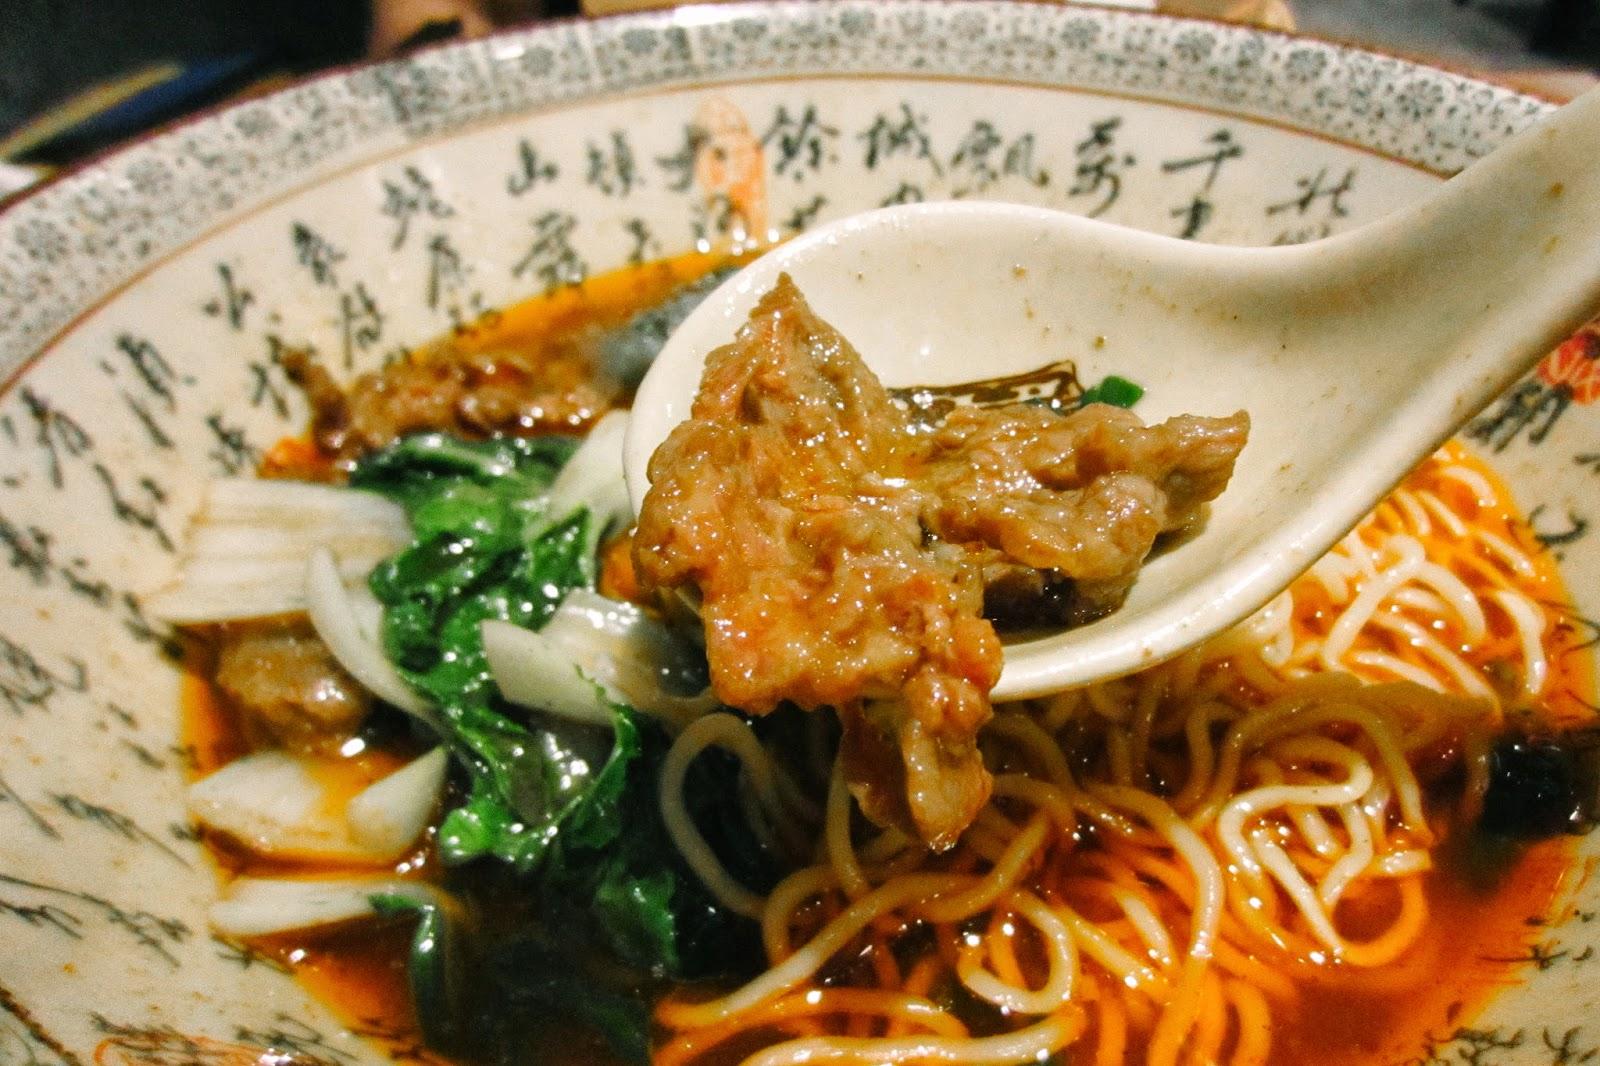 Szechuan Spicy Style Noodles